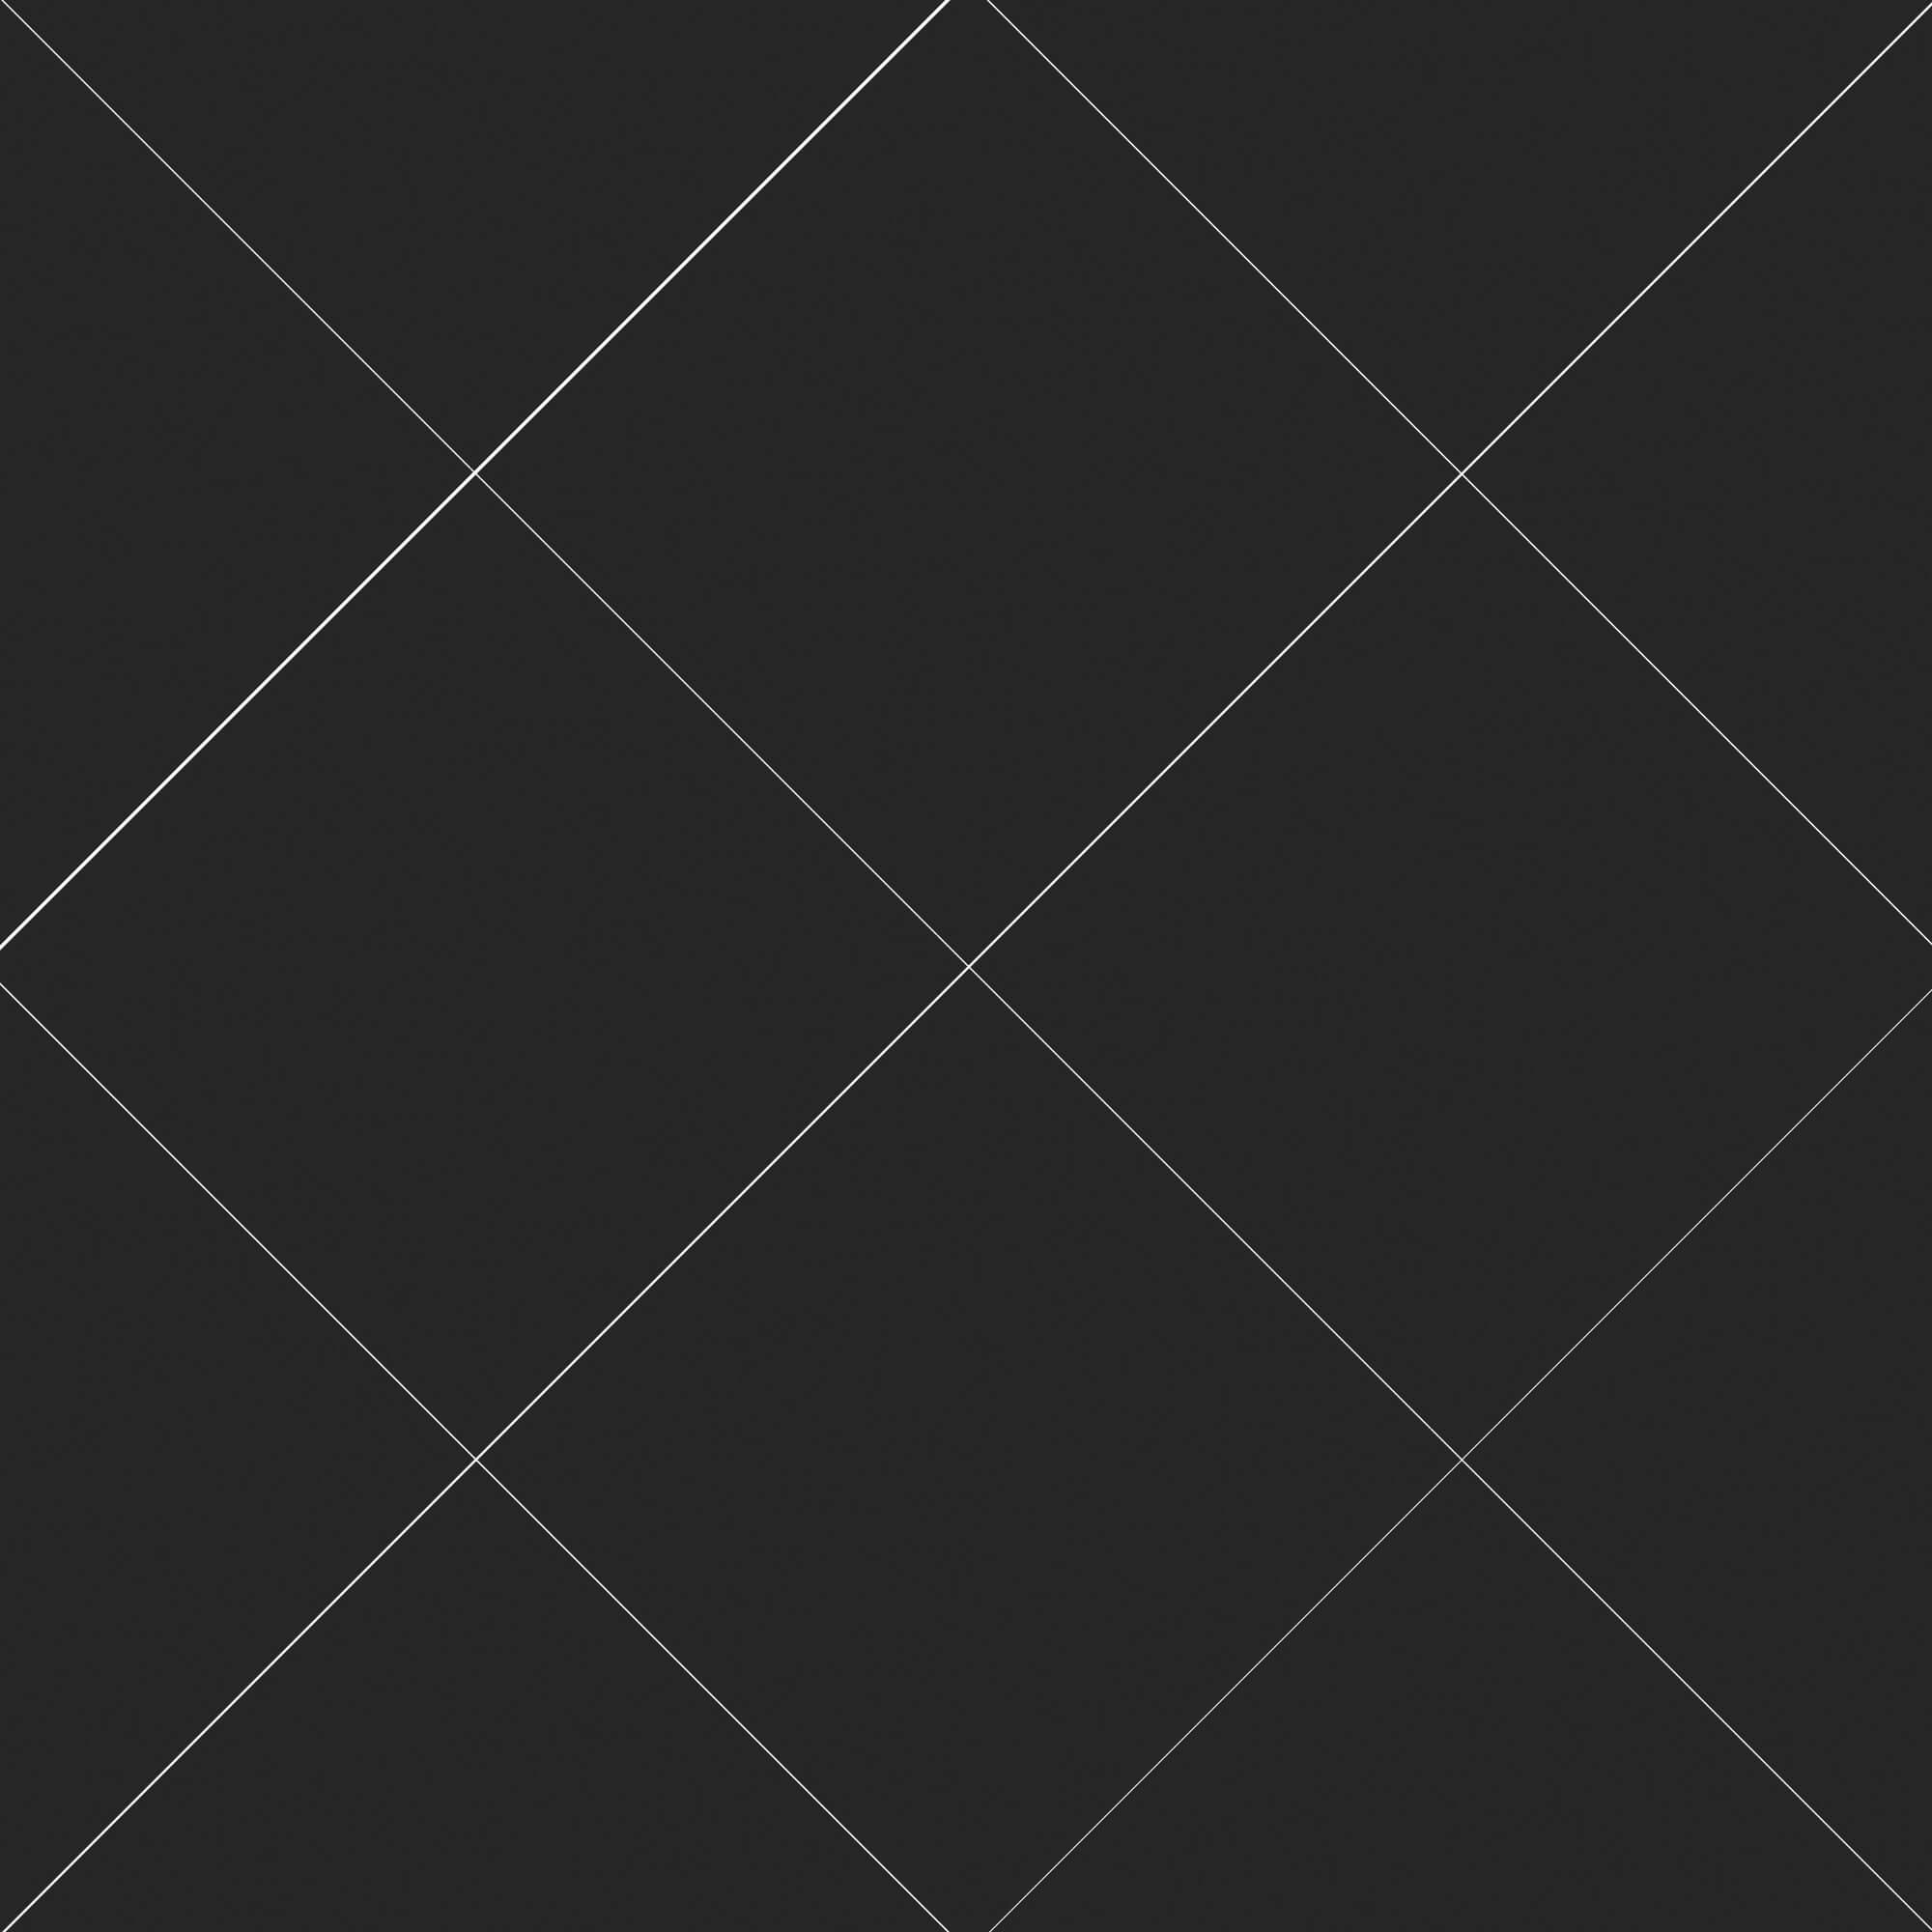 Carrelage sol et mur aspect carreau ciment noir anthracite uni Barcelona Negro 25x25 cm